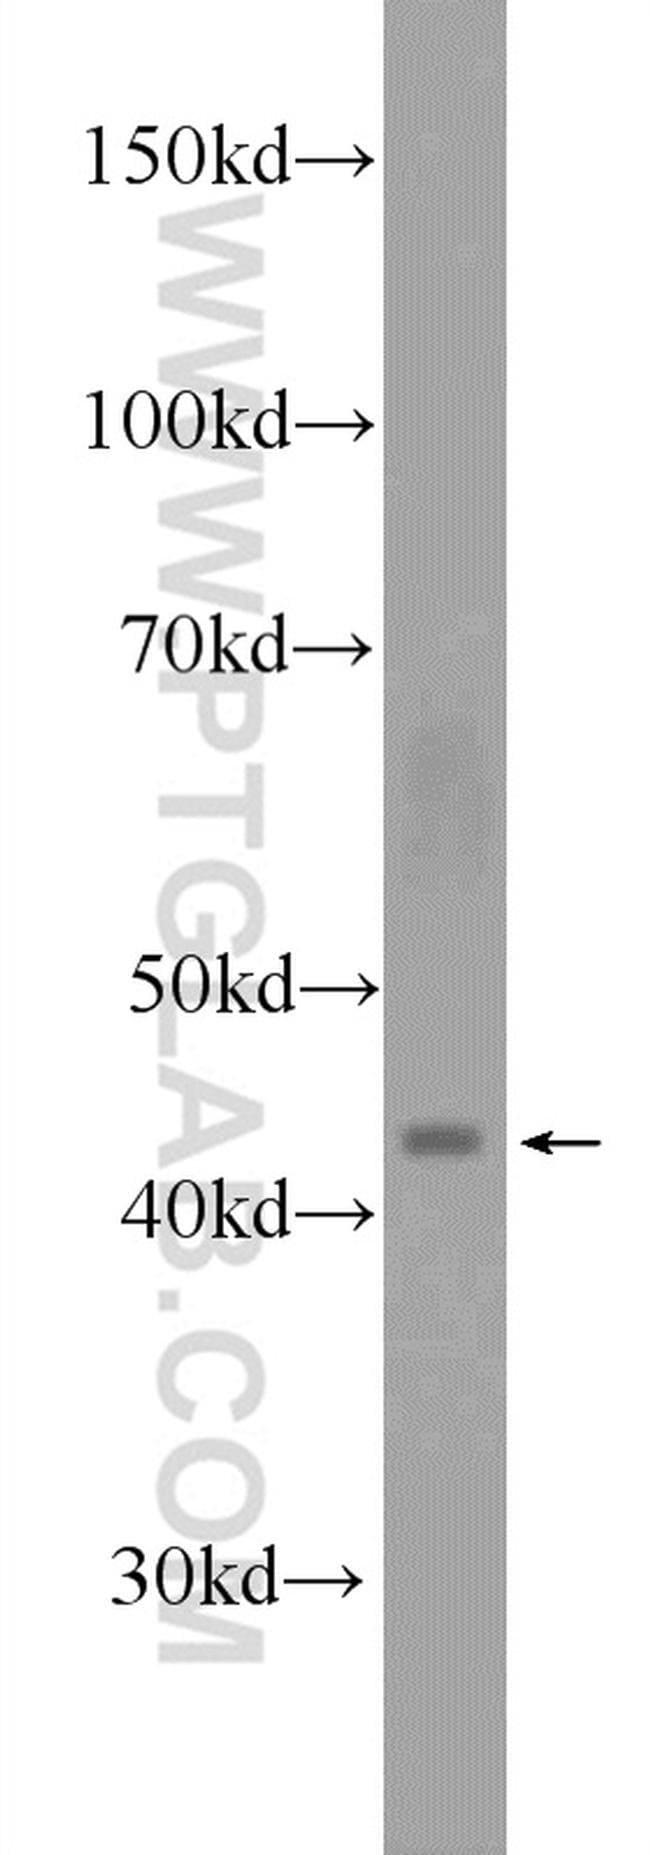 SMPDL3B Rabbit anti-Human, Mouse, Rat, Polyclonal, Proteintech 150 μL; Unconjugated voir les résultats